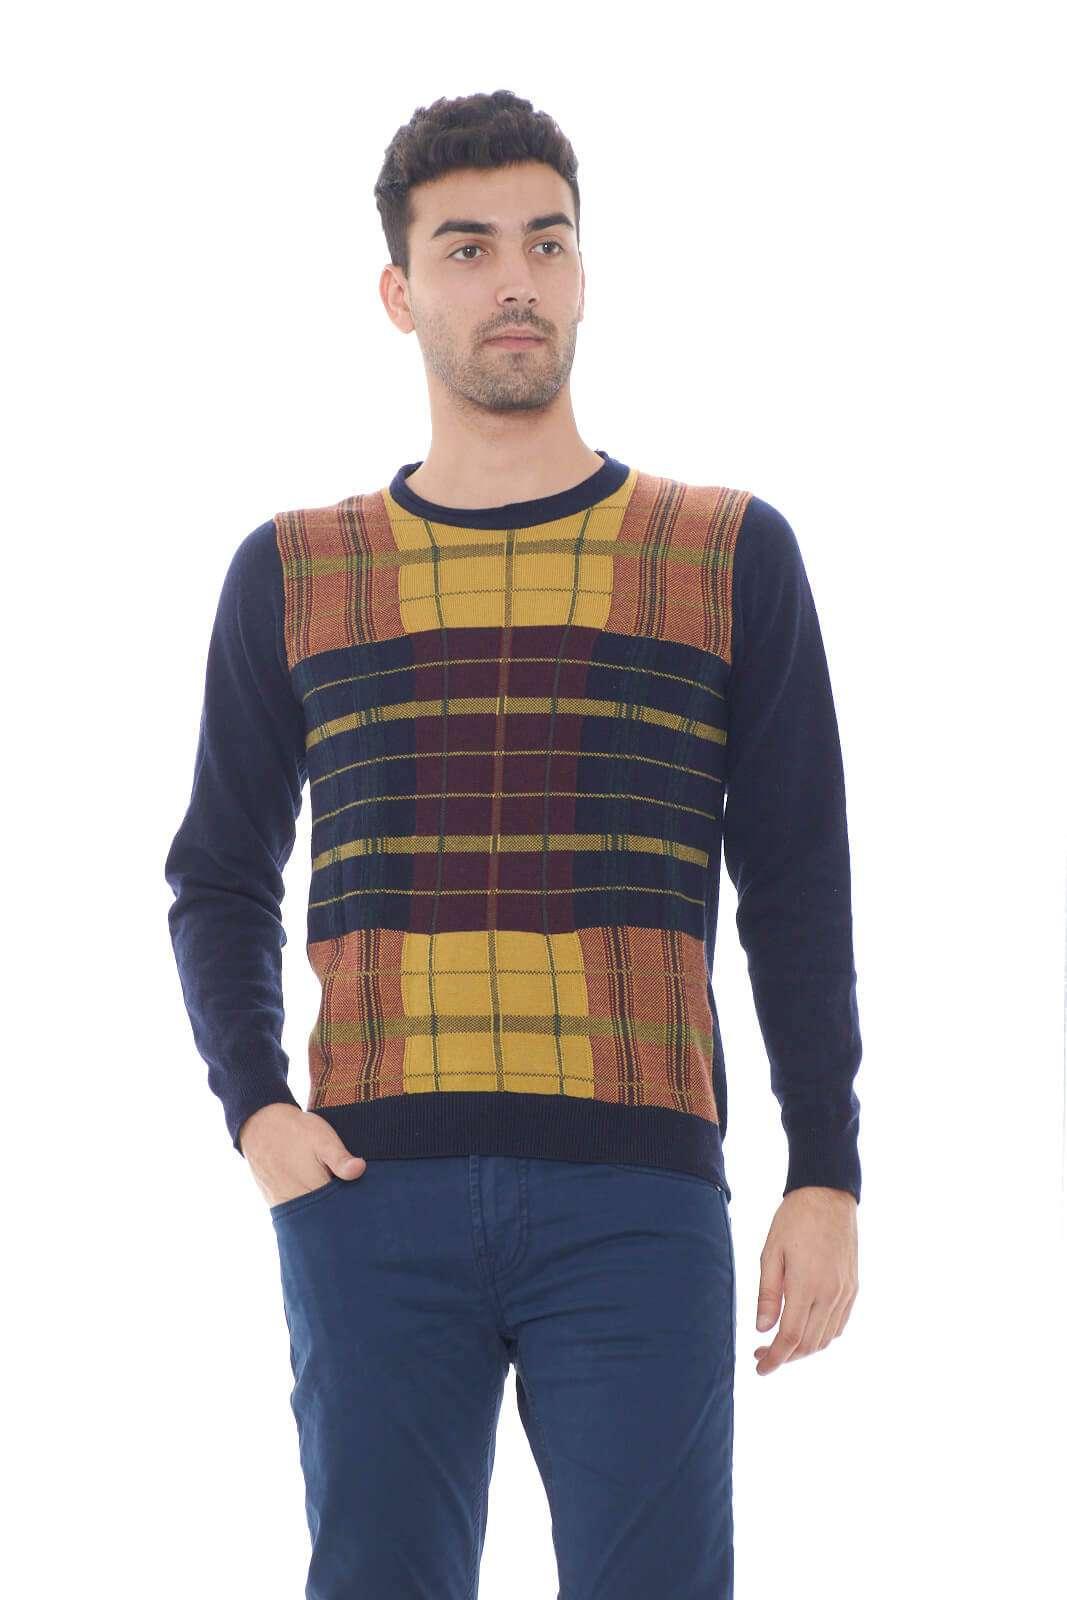 Una maglia calda e confortevole, realizzata in lana quella firmata Daniele Alessandrini. La fantasia check anteriore regala colore e stile, rendendo il capo adatto anche a look più chic. Il modello è alto 1,80m e indossa la taglia 48.